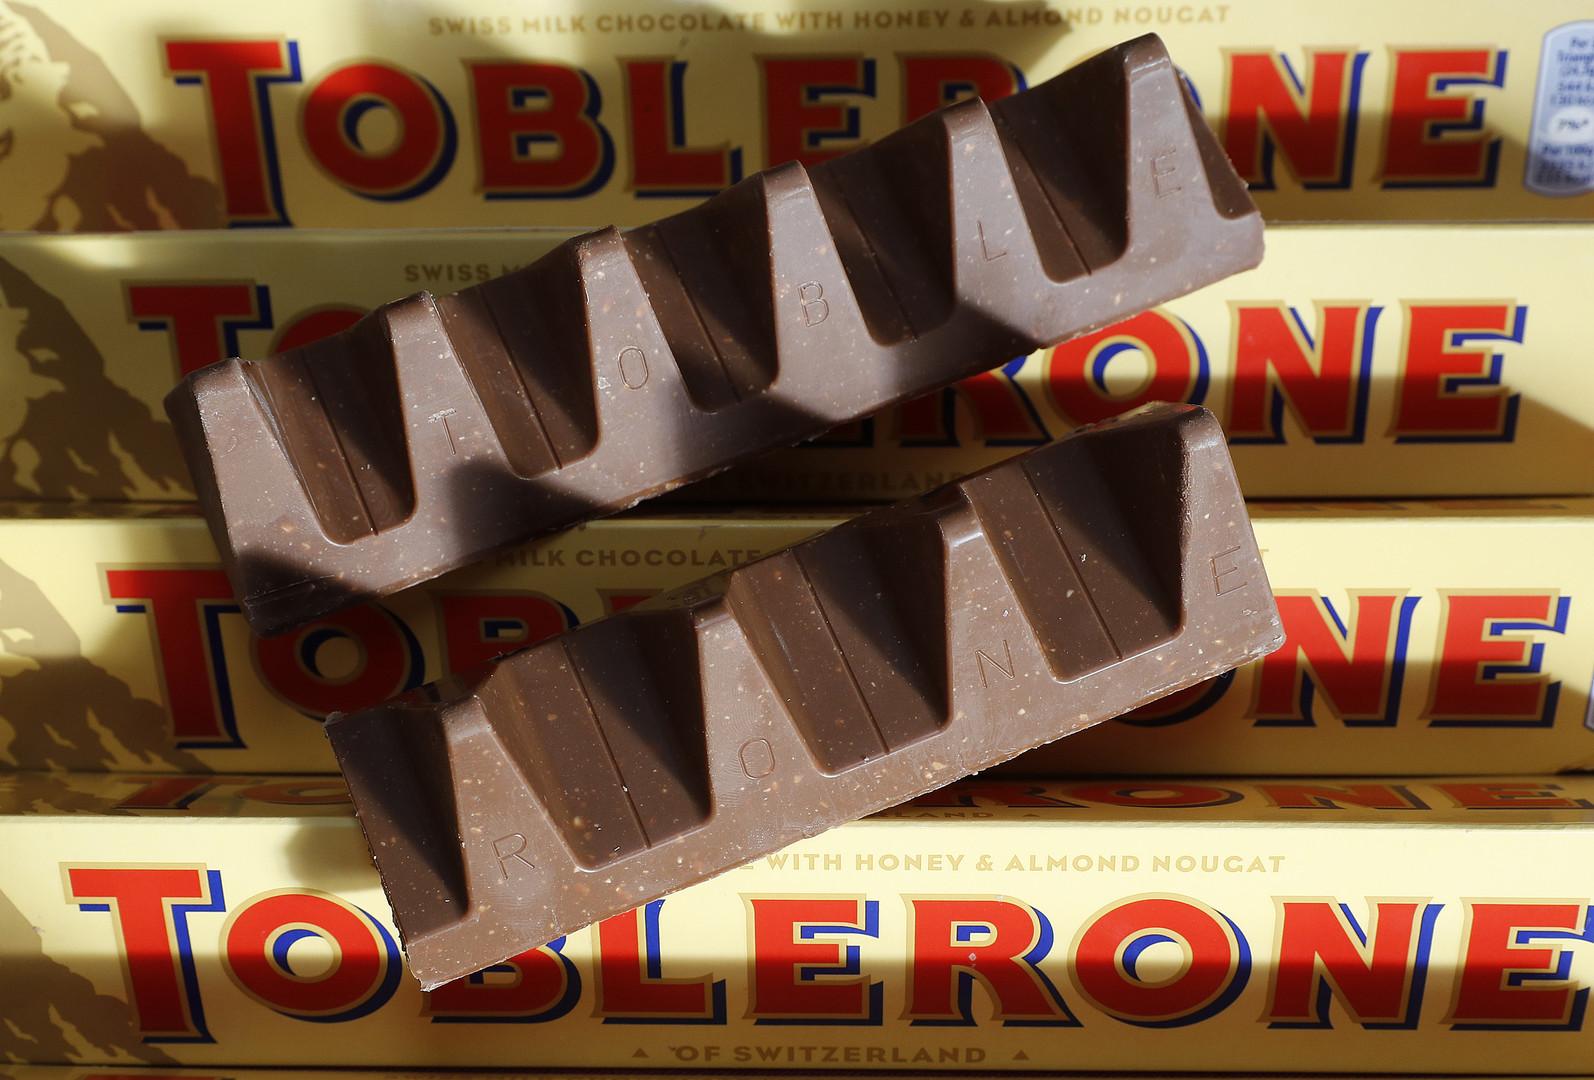 Les Britanniques plus inquiétés par le format du Toblerone que par les élections américaines